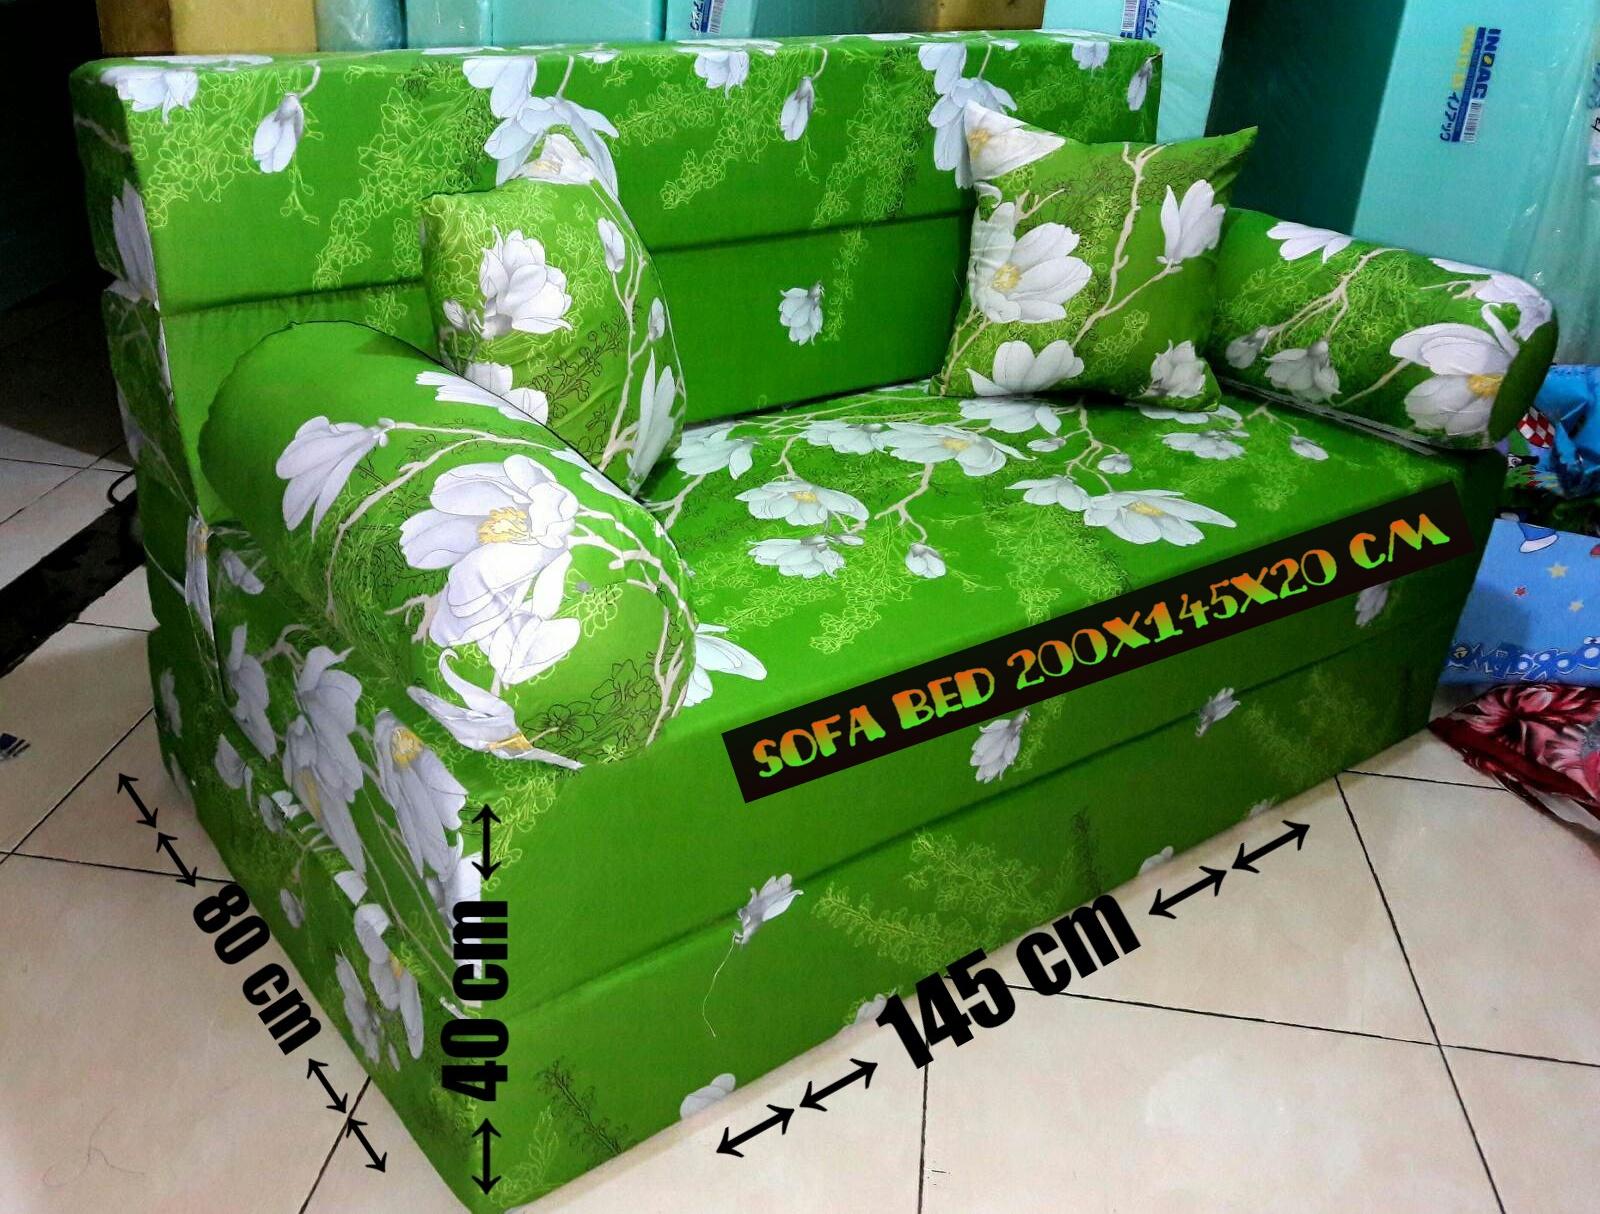 Harga Sofa Bed Inoac No 1 Eldorado Kasur 2019 Distributor Dan Agen Resmi